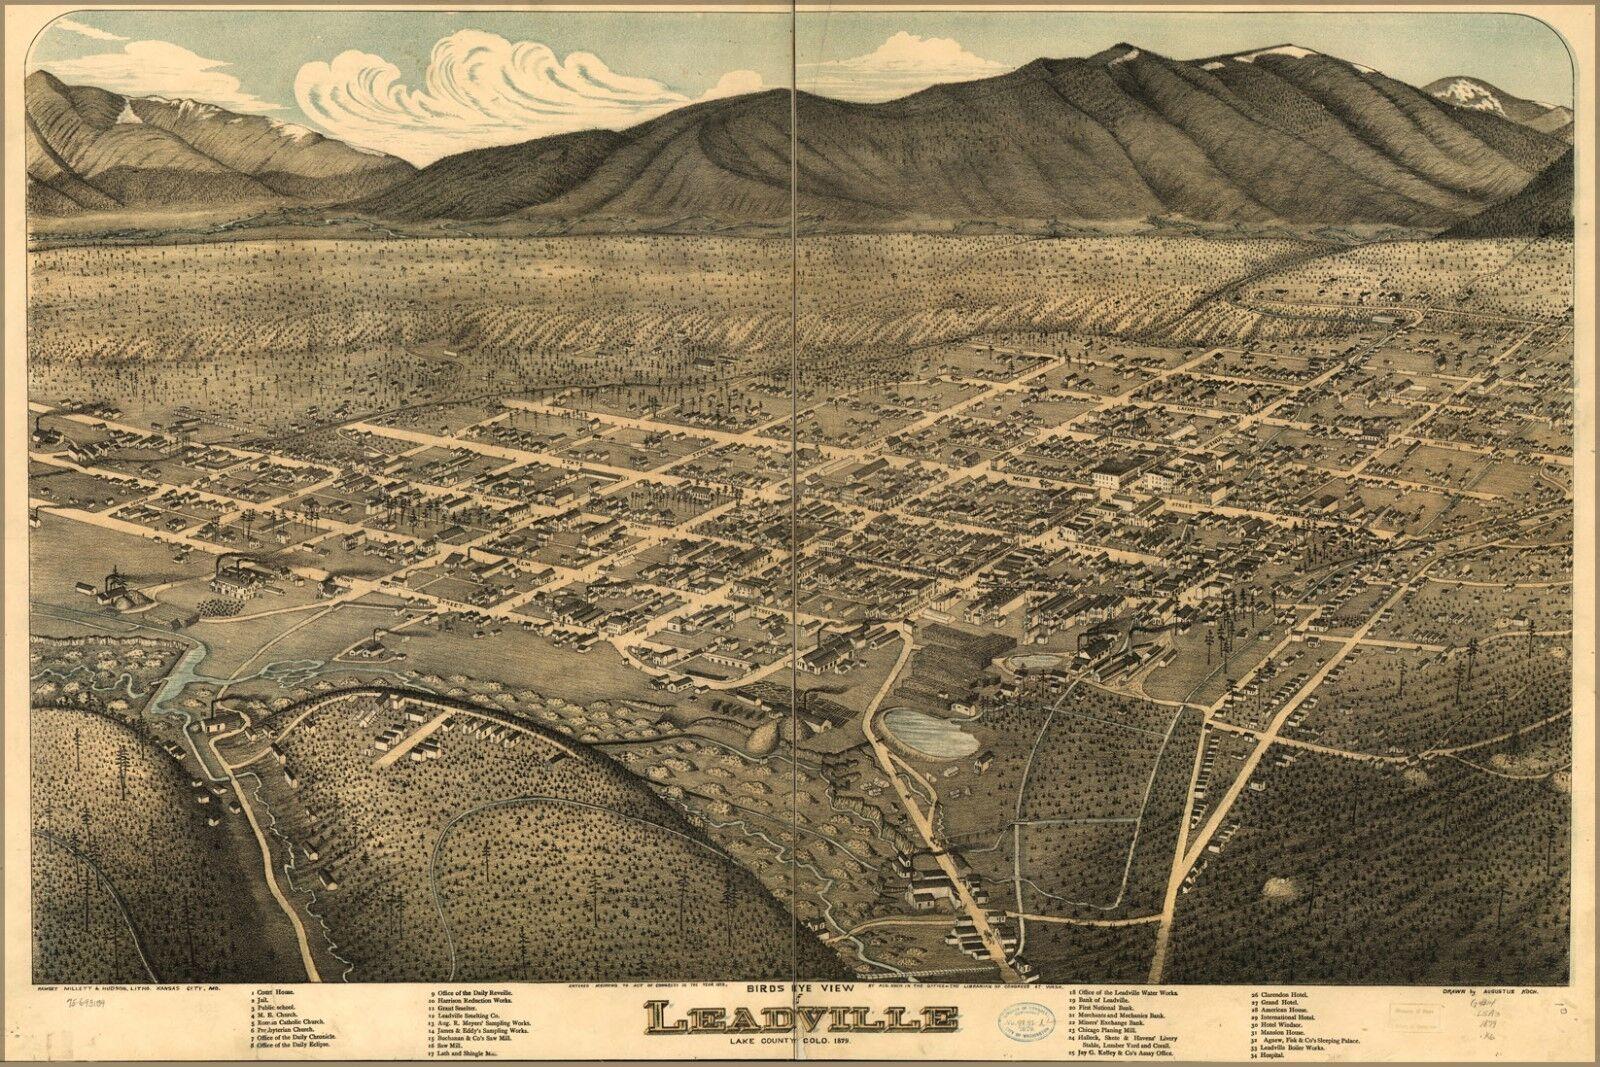 Plakat, Viele Größen; Vogelauge Ausblick Karte von Leadville, Farbeado 1879